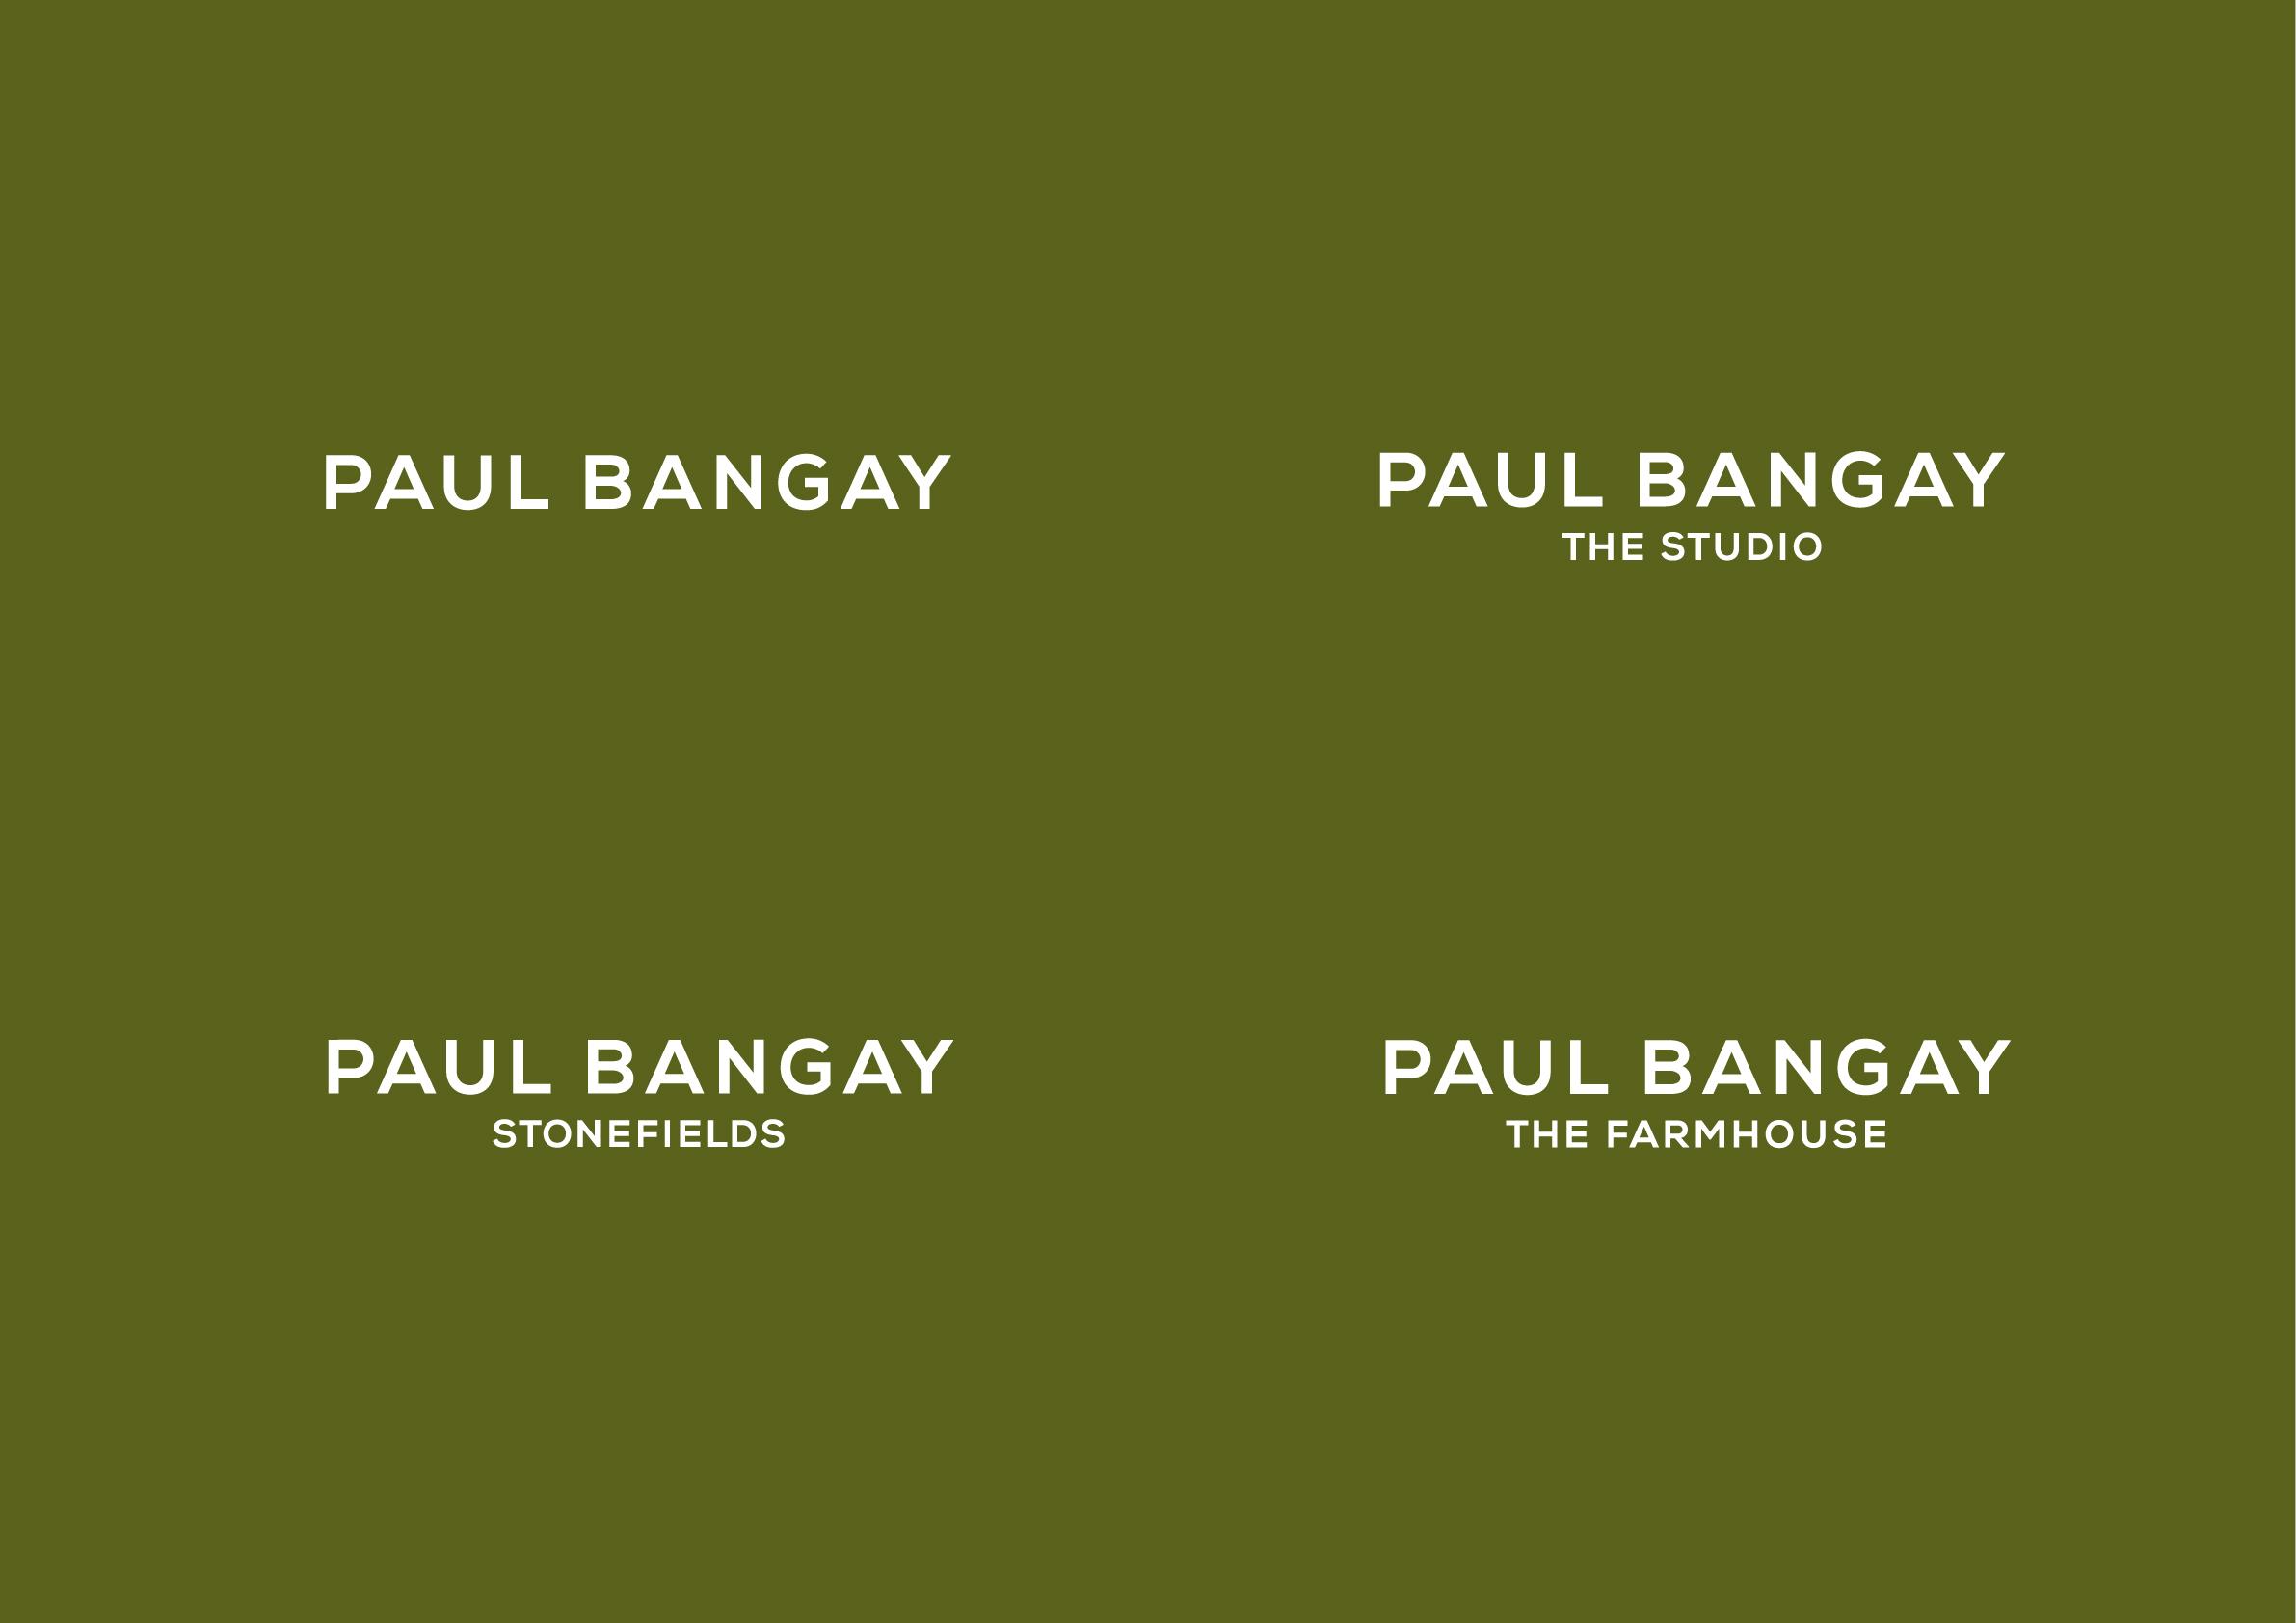 Paul Bangay